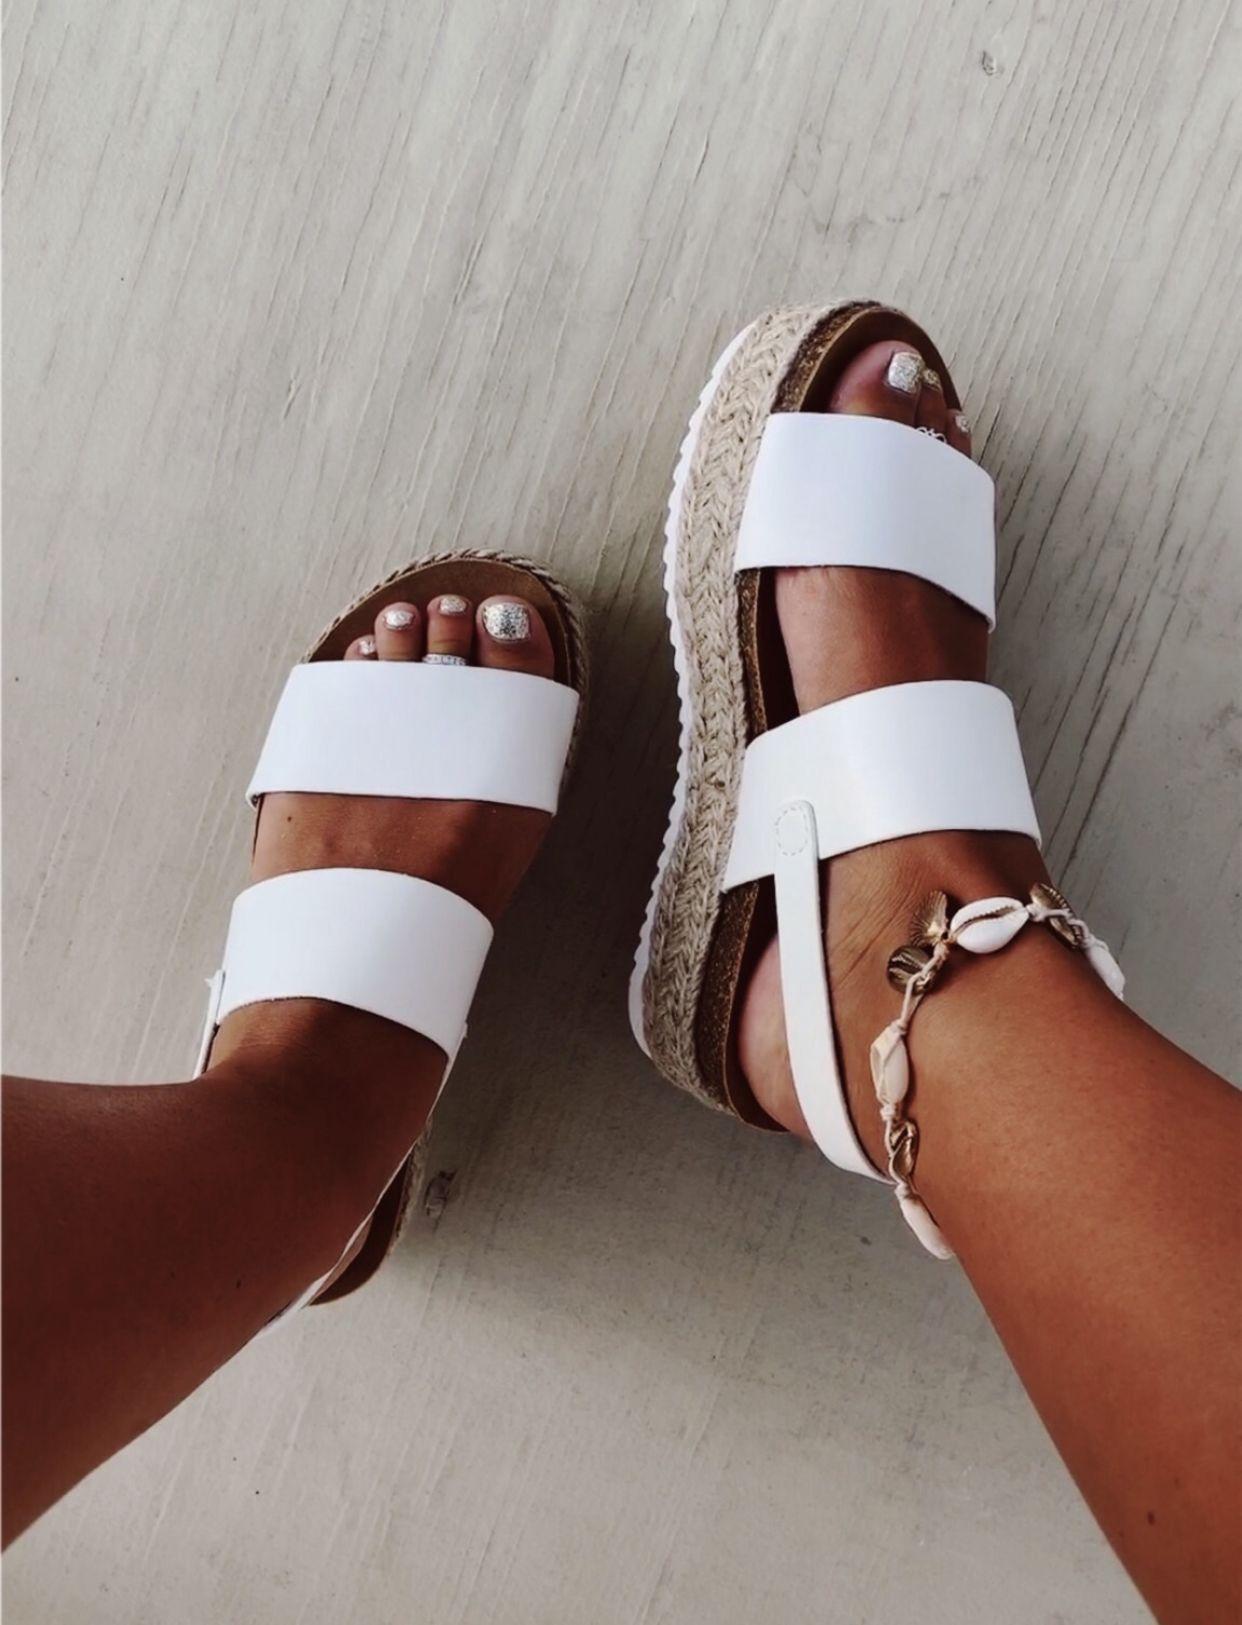 Pin by Mary on M Y S T Y L E   Shoes, Summer shoes, Me too